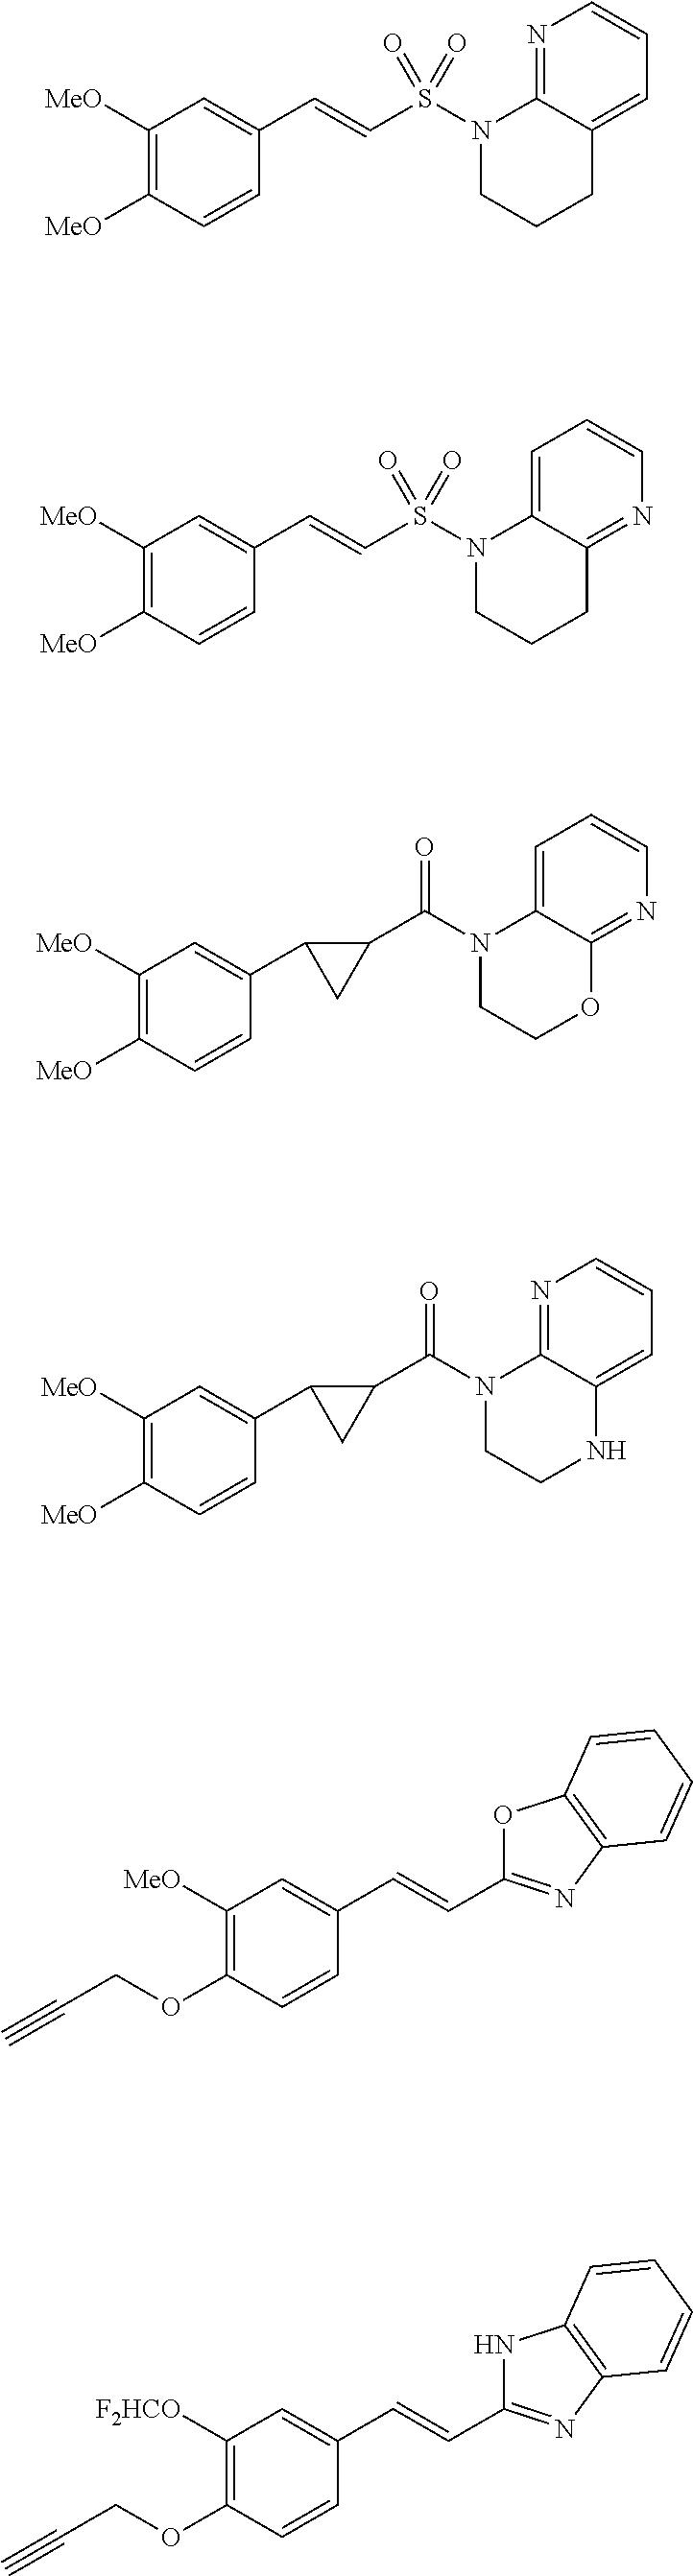 Figure US09951087-20180424-C00055